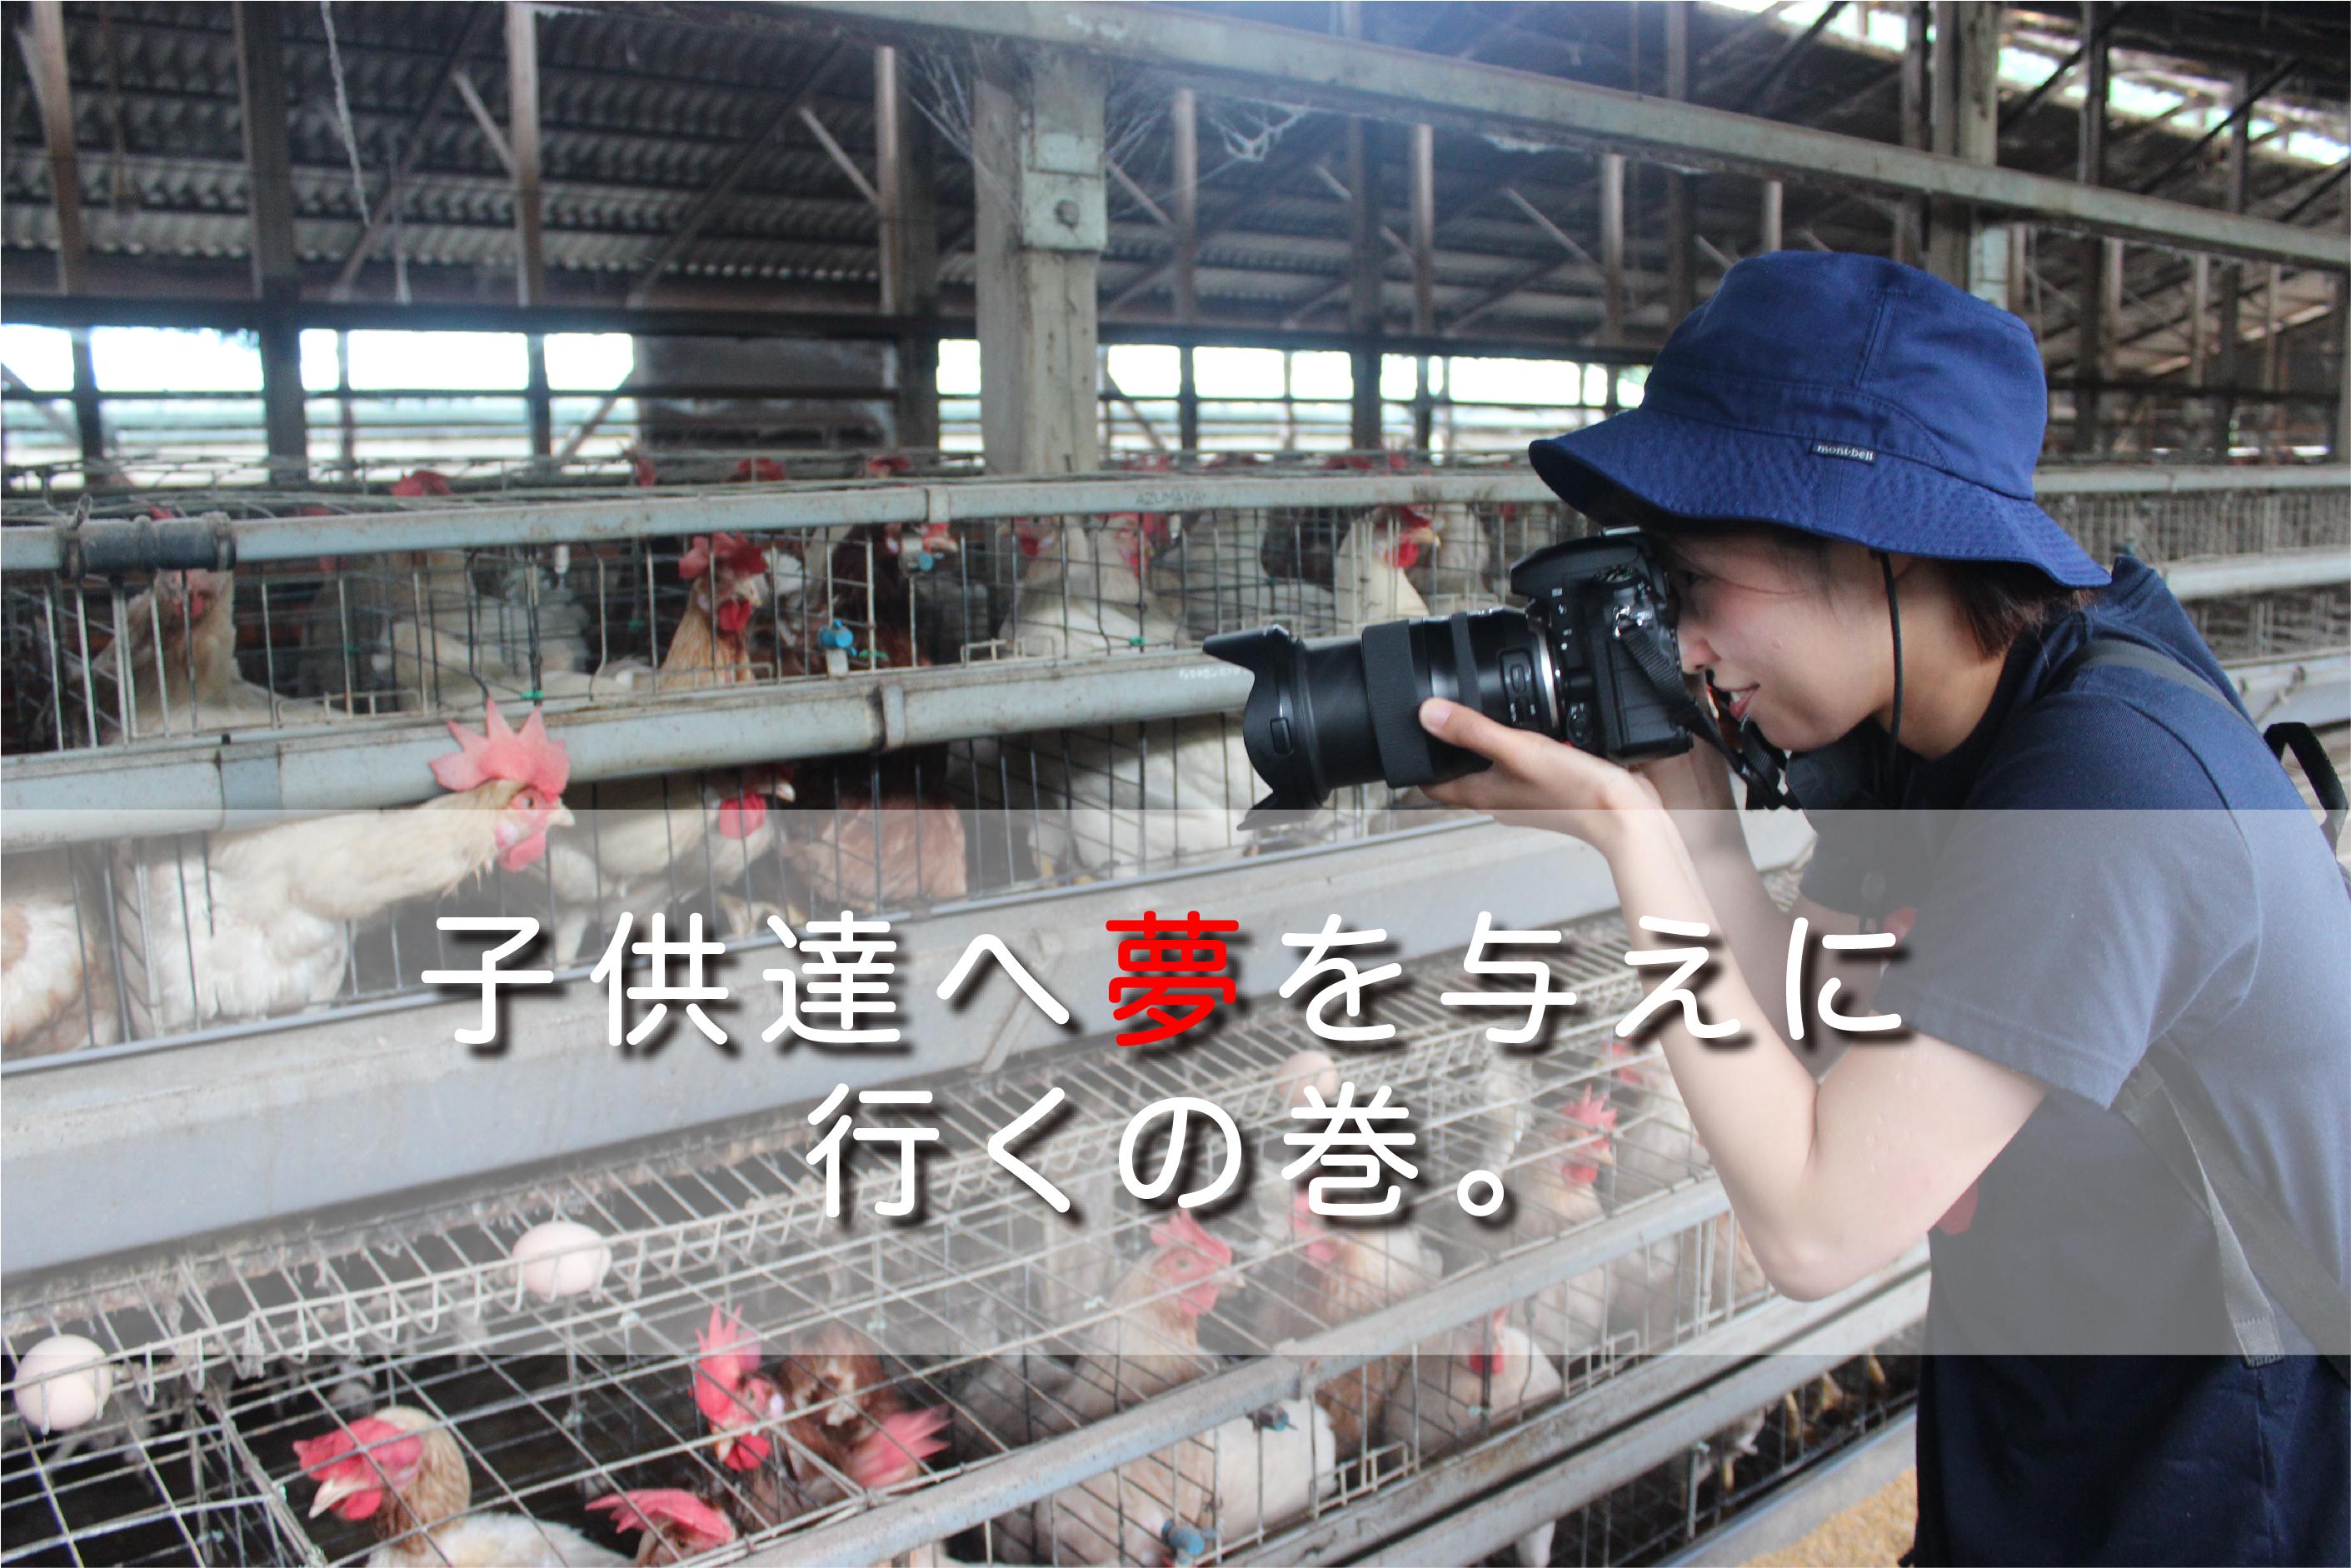 子供達に夢を与えに静岡へ!|日本一周農家旅 後藤のたまご in 静岡県富士